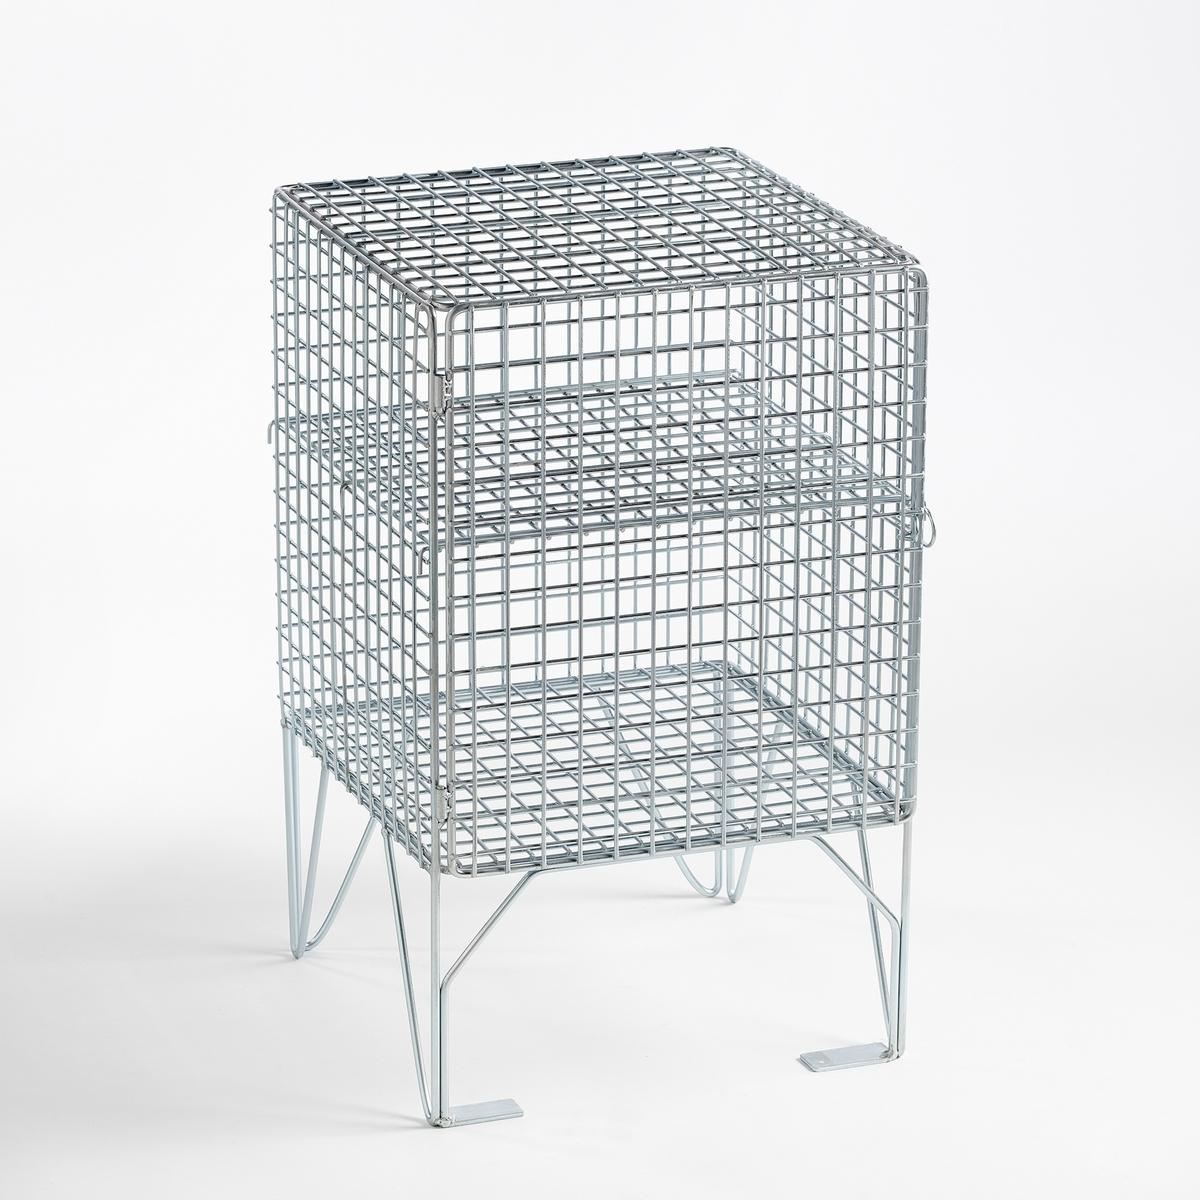 Тумба прикроватная MontozonХарактеристики :- Из металла- 1 дверца- 1 съемная этажерка Размеры :Ш35,2 x В56,4 x Г35,5 см Размеры и вес упаковки :Ш66,8 x В42 x Г66,8 см, 8,6 кг<br><br>Цвет: серый